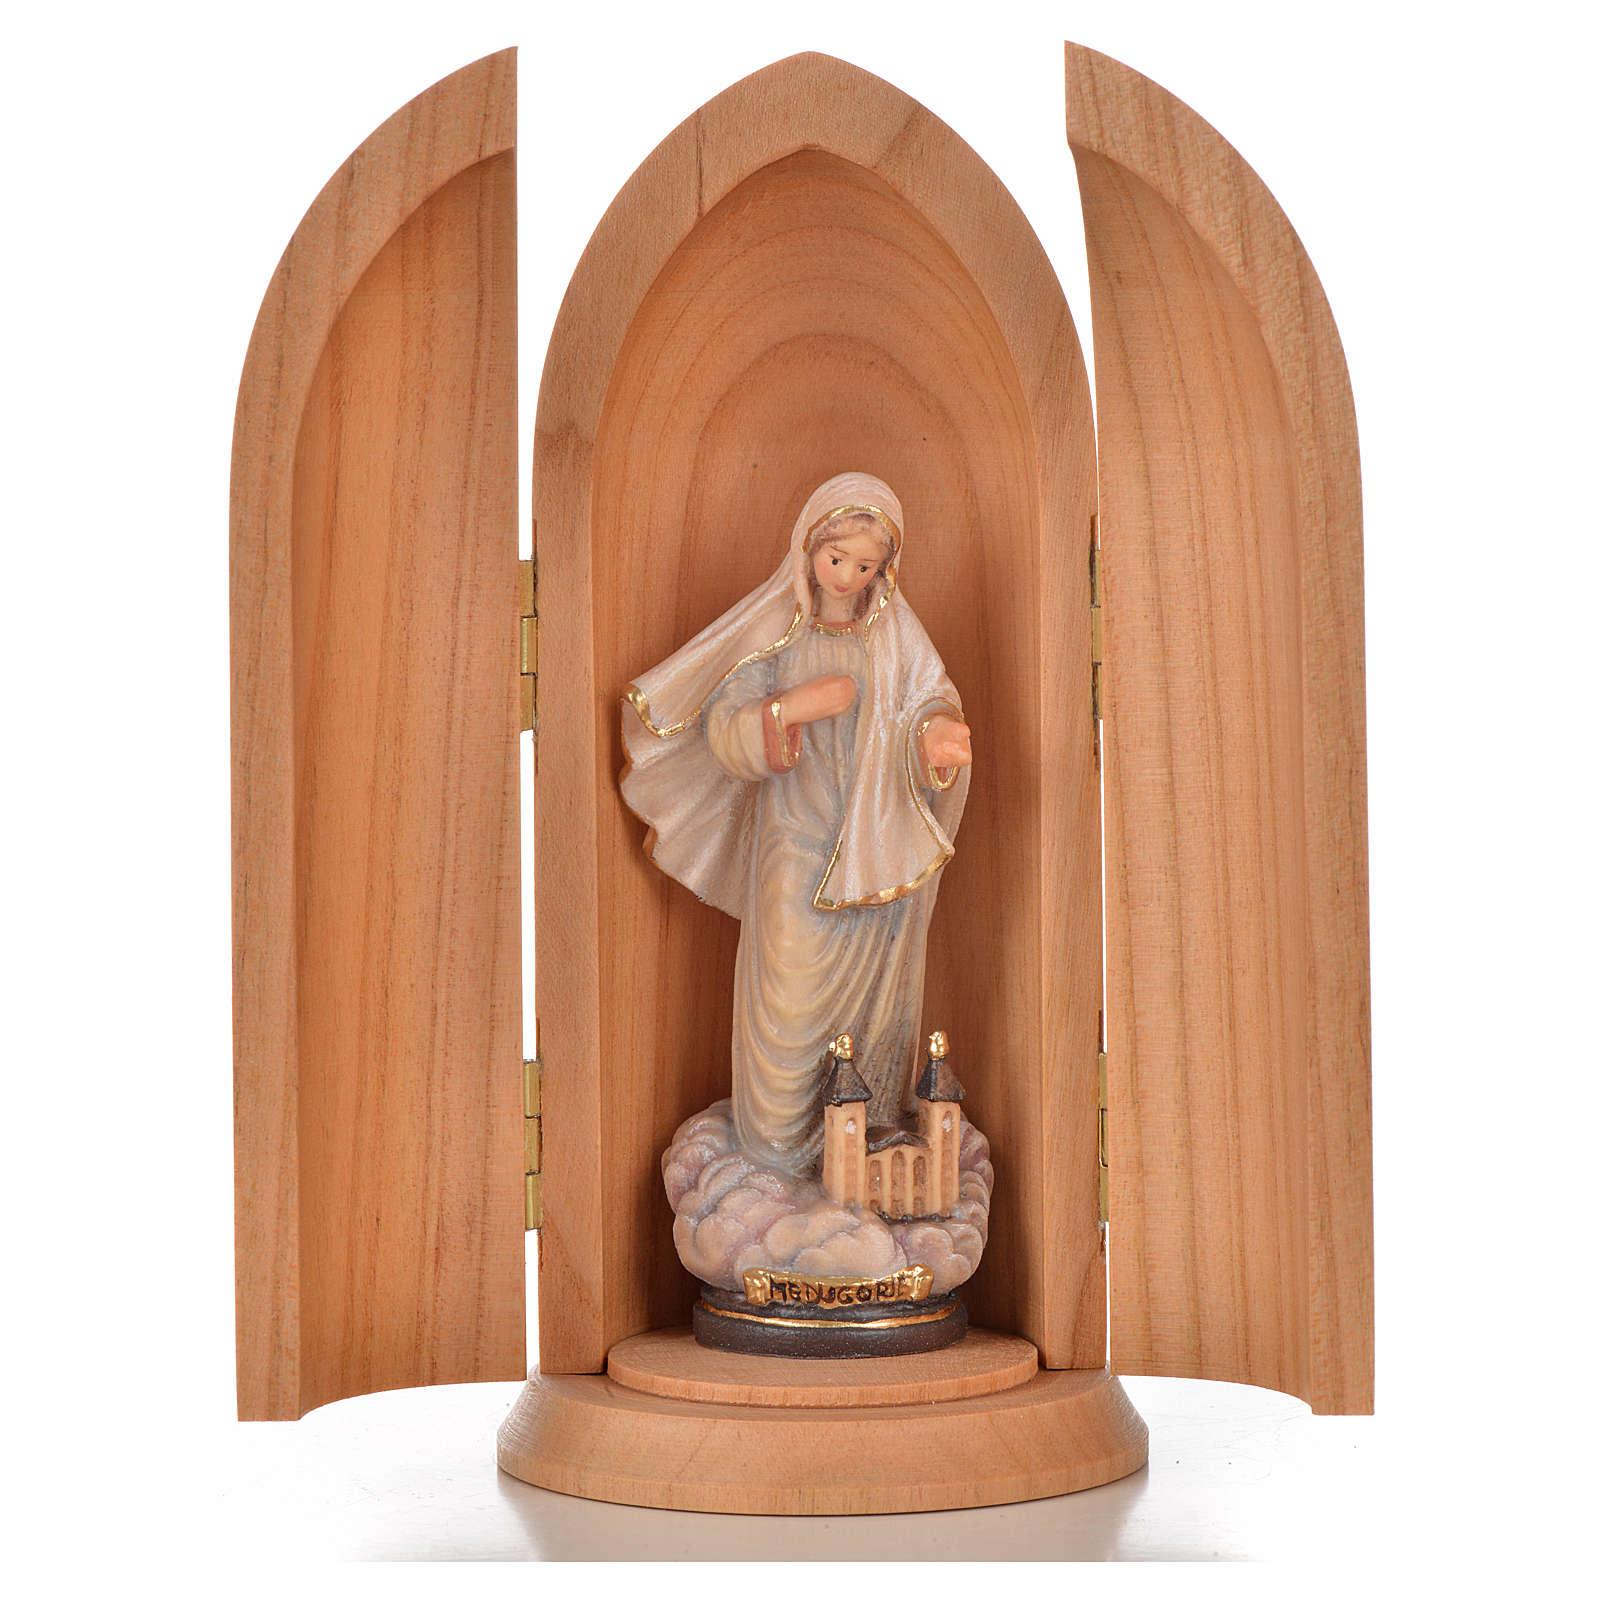 Statua Madonna Medjugorje e chiesa in nicchia legno 4